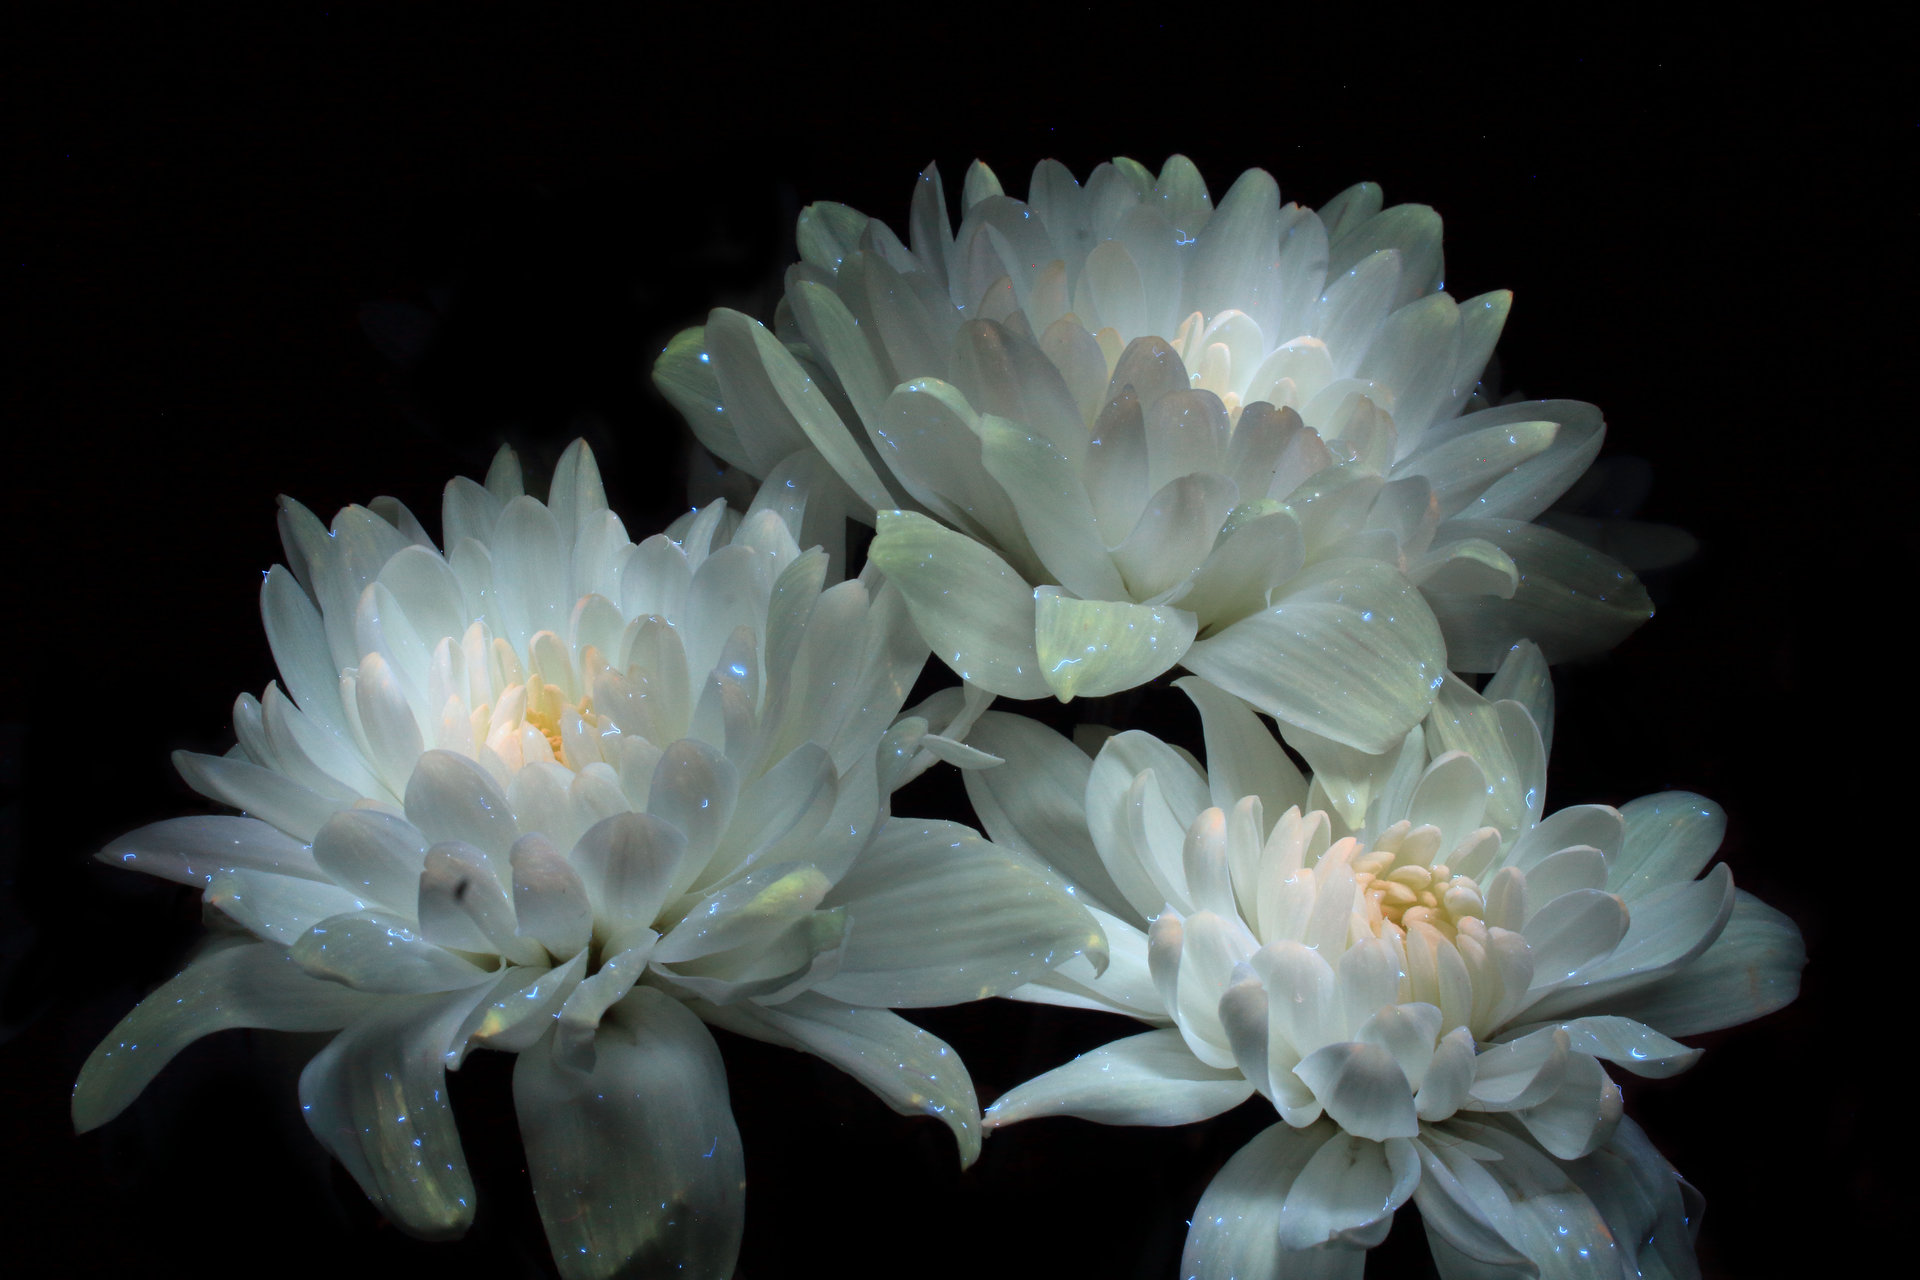 Магически цветя от Tanya Ivanova - Witchy